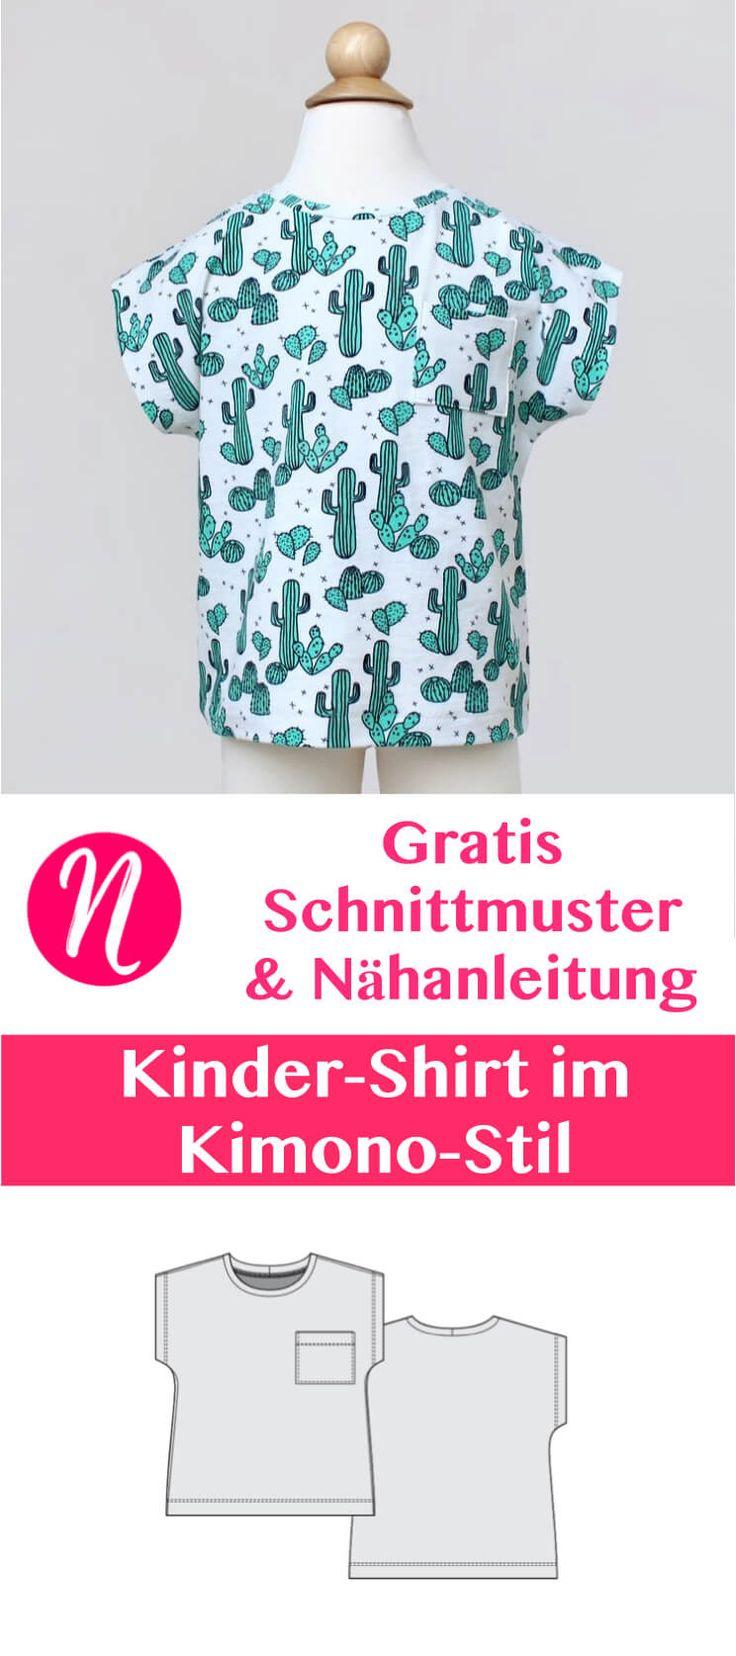 Freebook für ein Kinder-T-Shirt Jersey. PDF-Schnittmuster Größe 62 - 116 im Kimono-Stil. Nähtalente.de - Magazin für kostenlose Schnittmuster - Free sewing pattern for a nice children shirt. Size 62 - 116. 0 Month - 6 years.